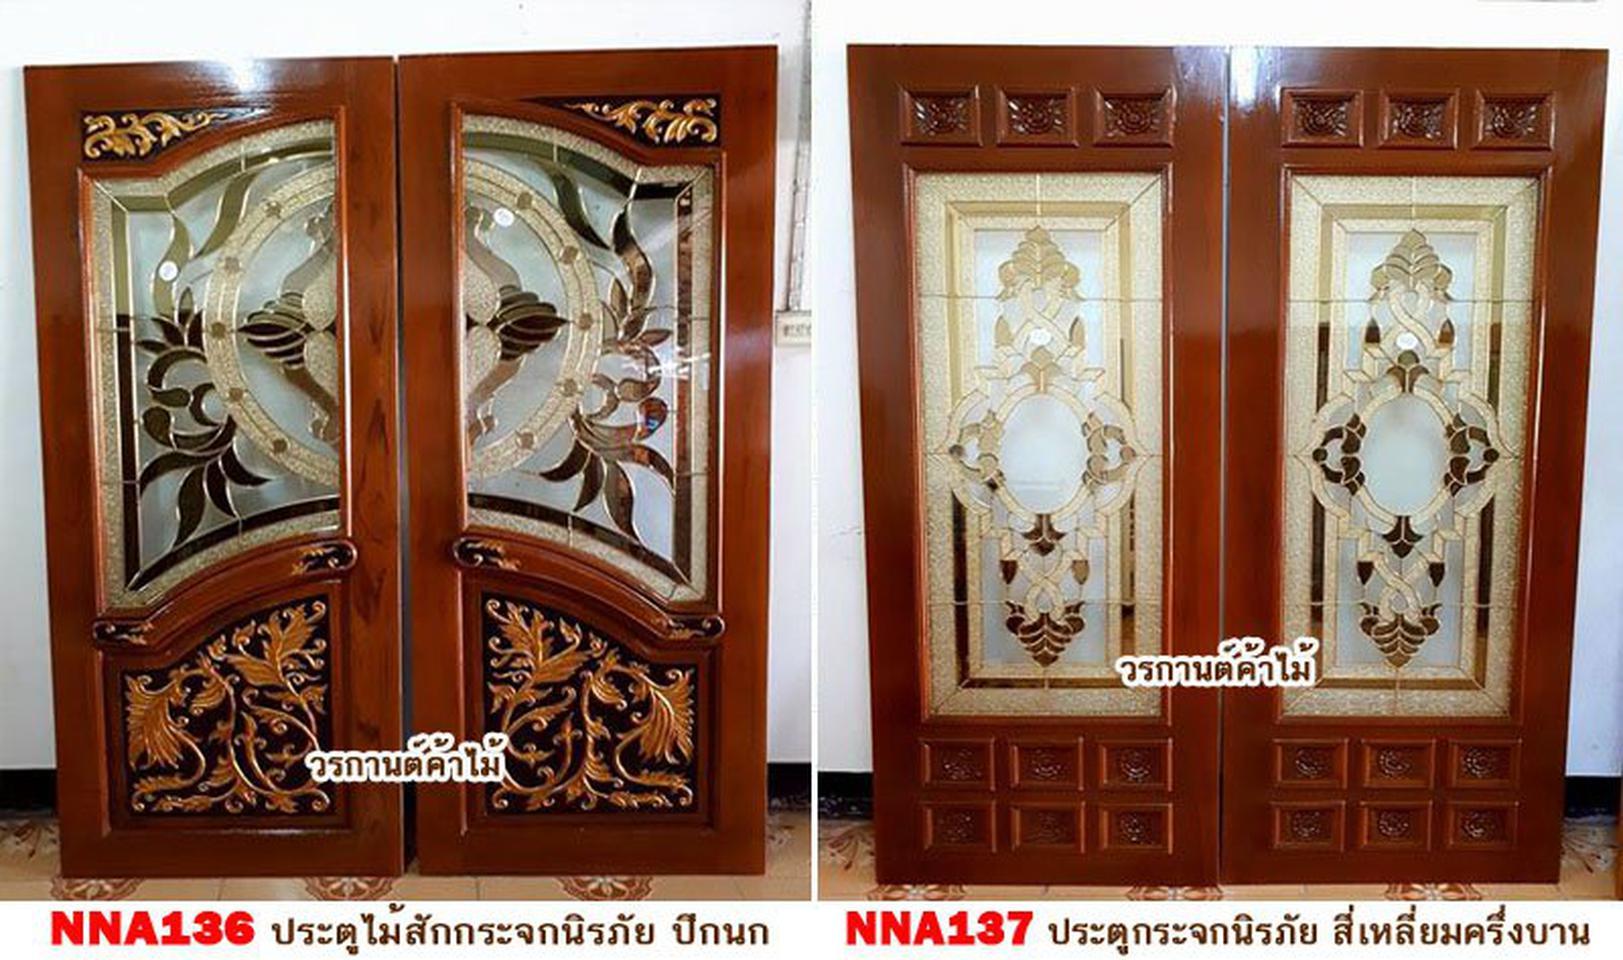 ประตูไม้สัก,ประตูไม้สักกระจกนิรภัย,ประตูไม้สักบานคู่,ประตูไม้สักบานเดี่ยว www.door-woodhome.com รูปที่ 3